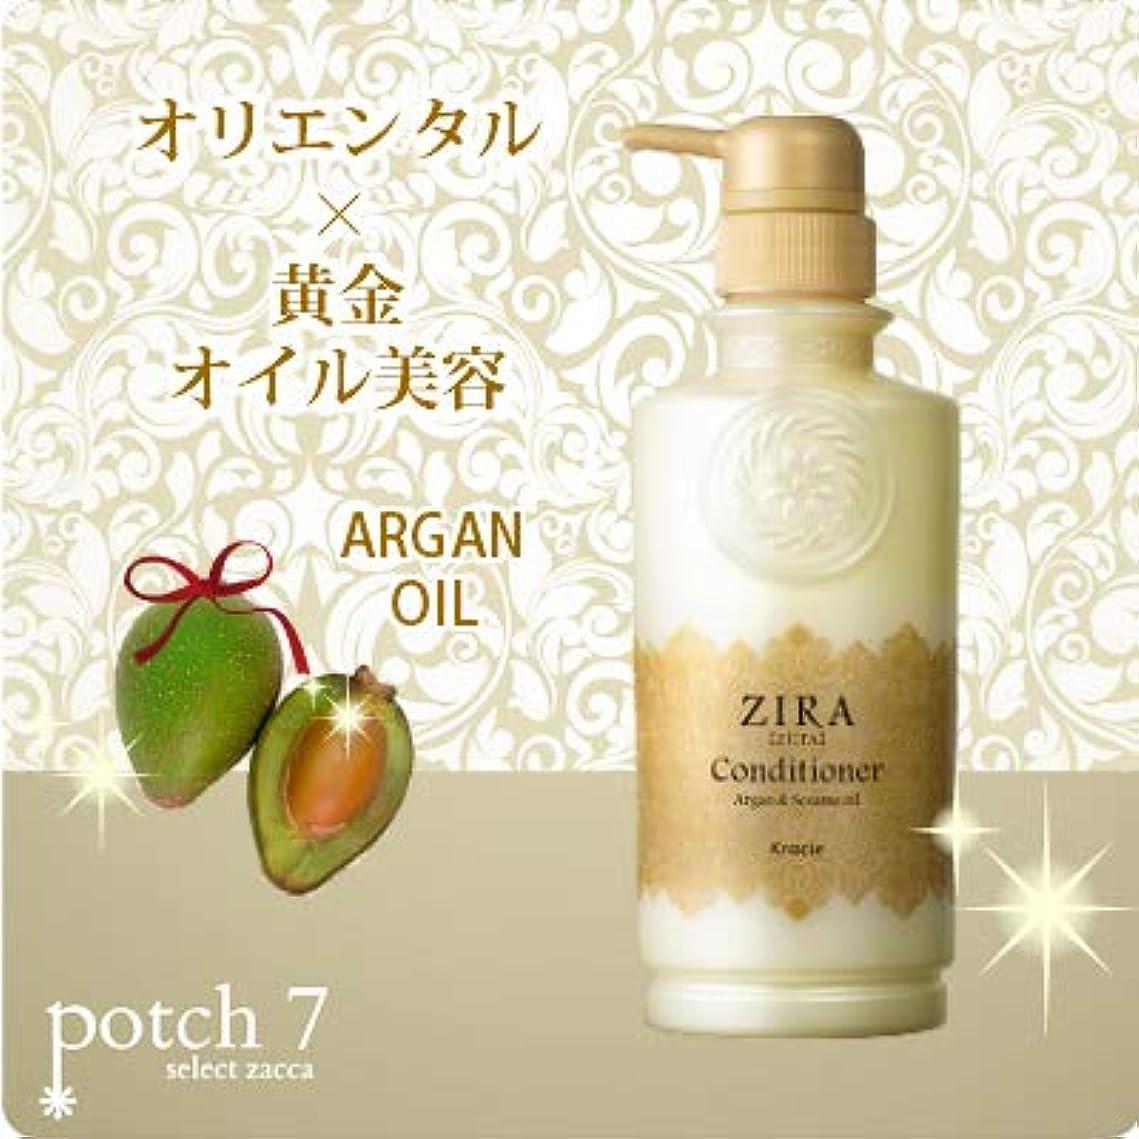 ながら配る抽出Kracie クラシエ ZIRA ジーラ コンディショナー 420ml オリエンタル美容